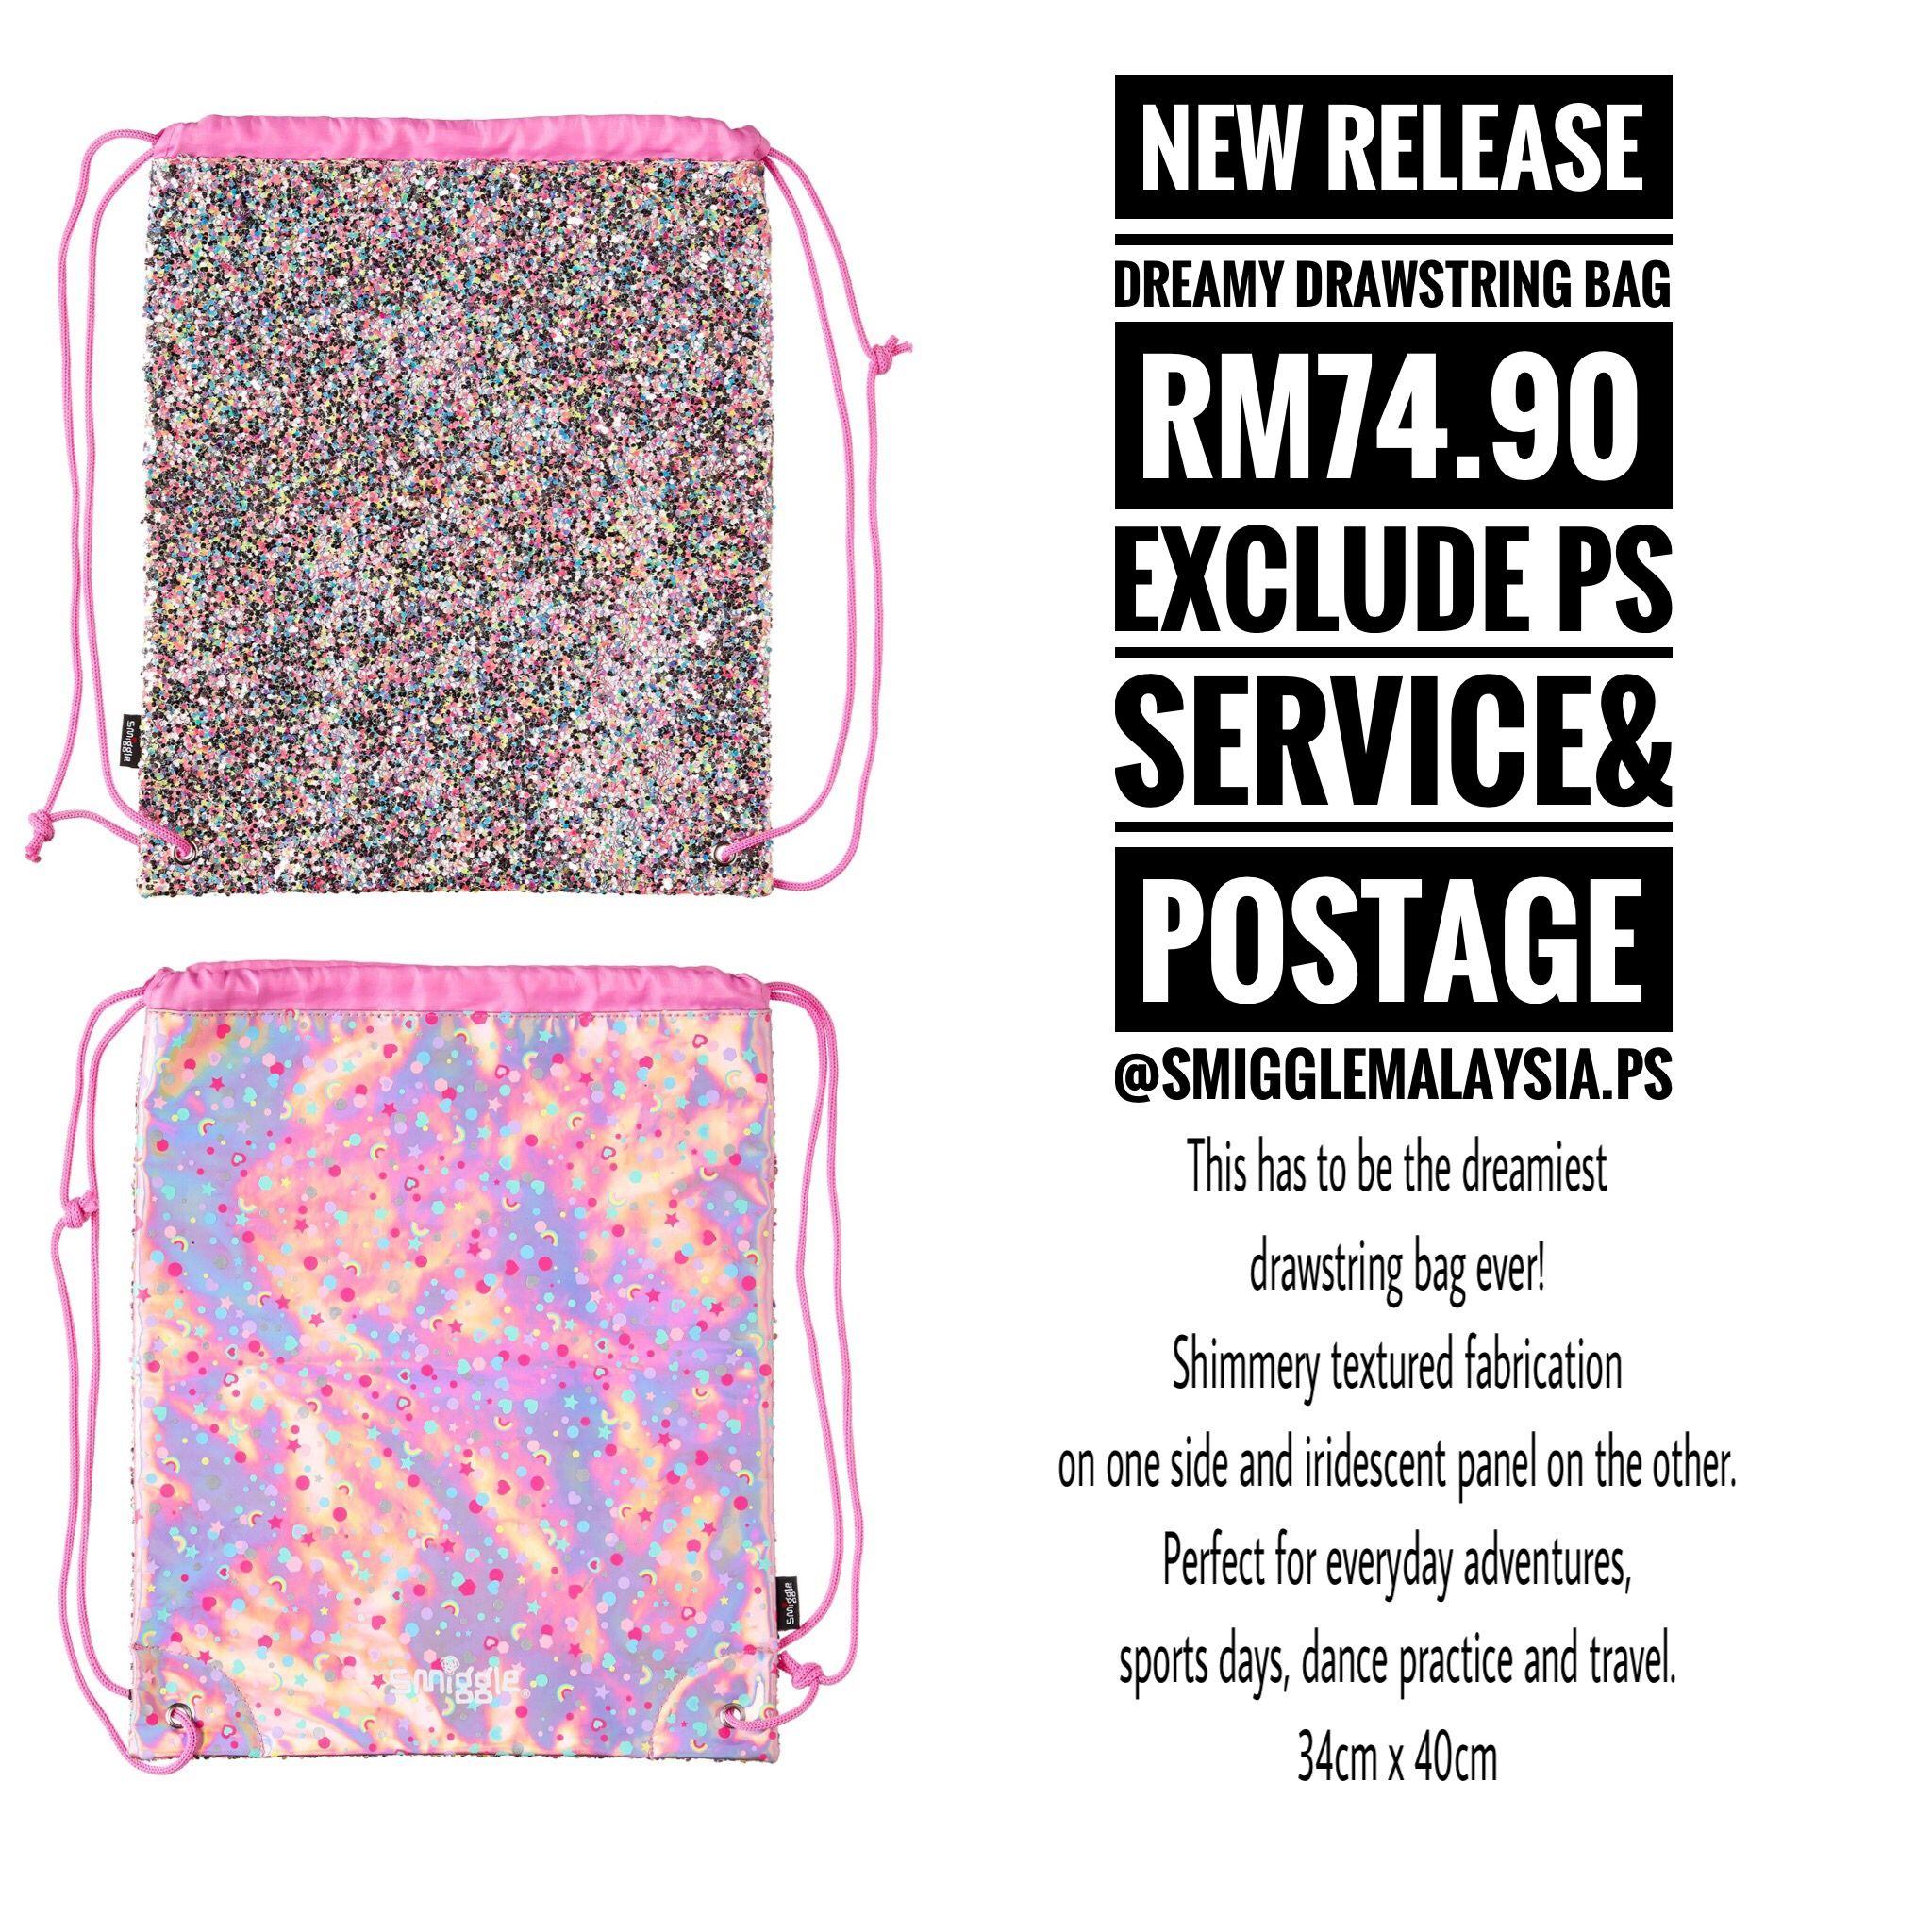 Personal Shopper Smiggle Malaysia Image By Siti Rohani Ahmat